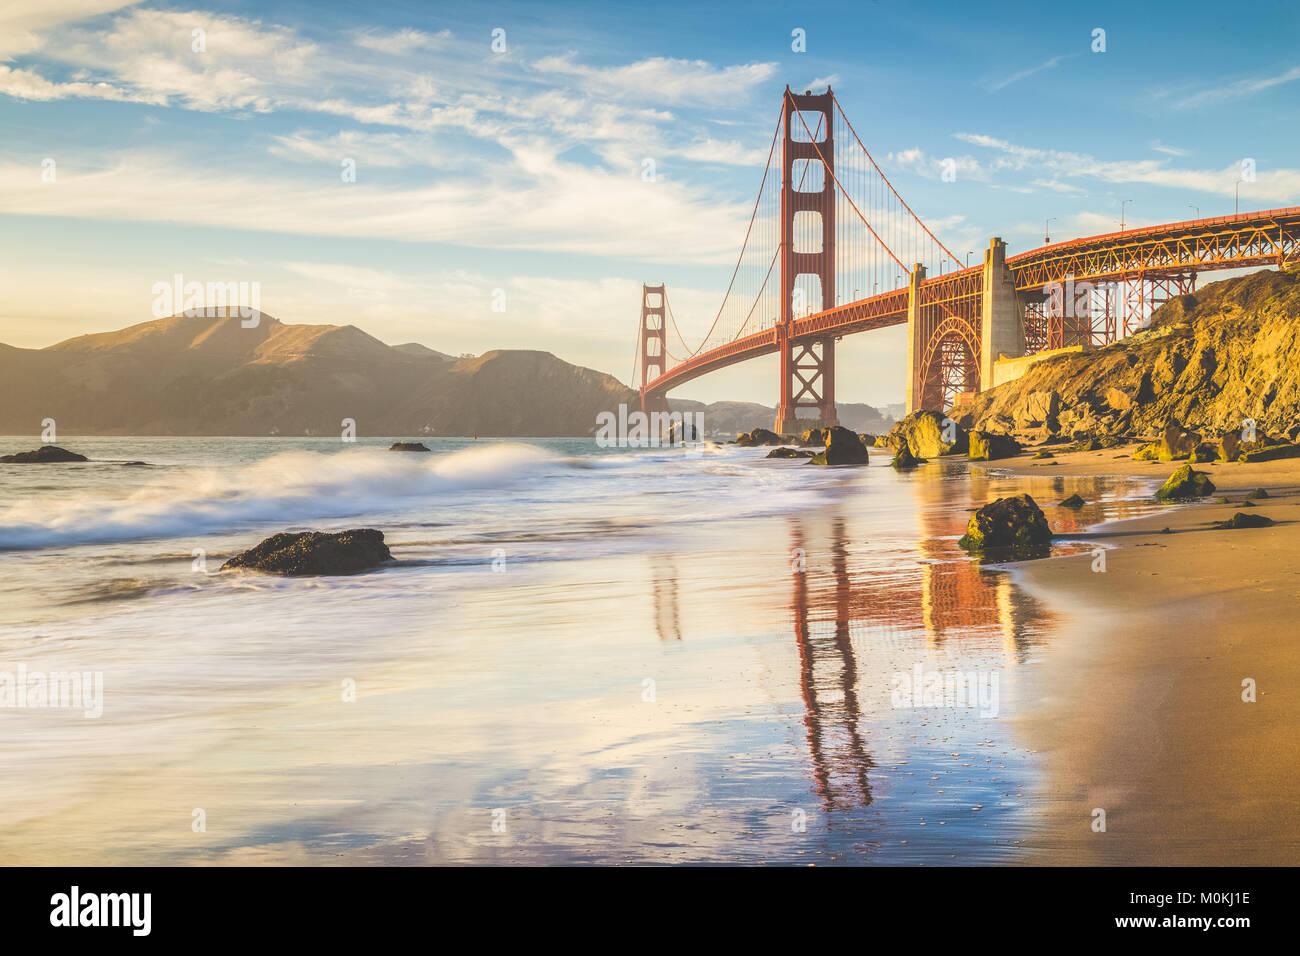 Classic vue panoramique de célèbre Golden Gate Bridge vu de scenic Baker Beach dans un beau soir d'or Photo Stock